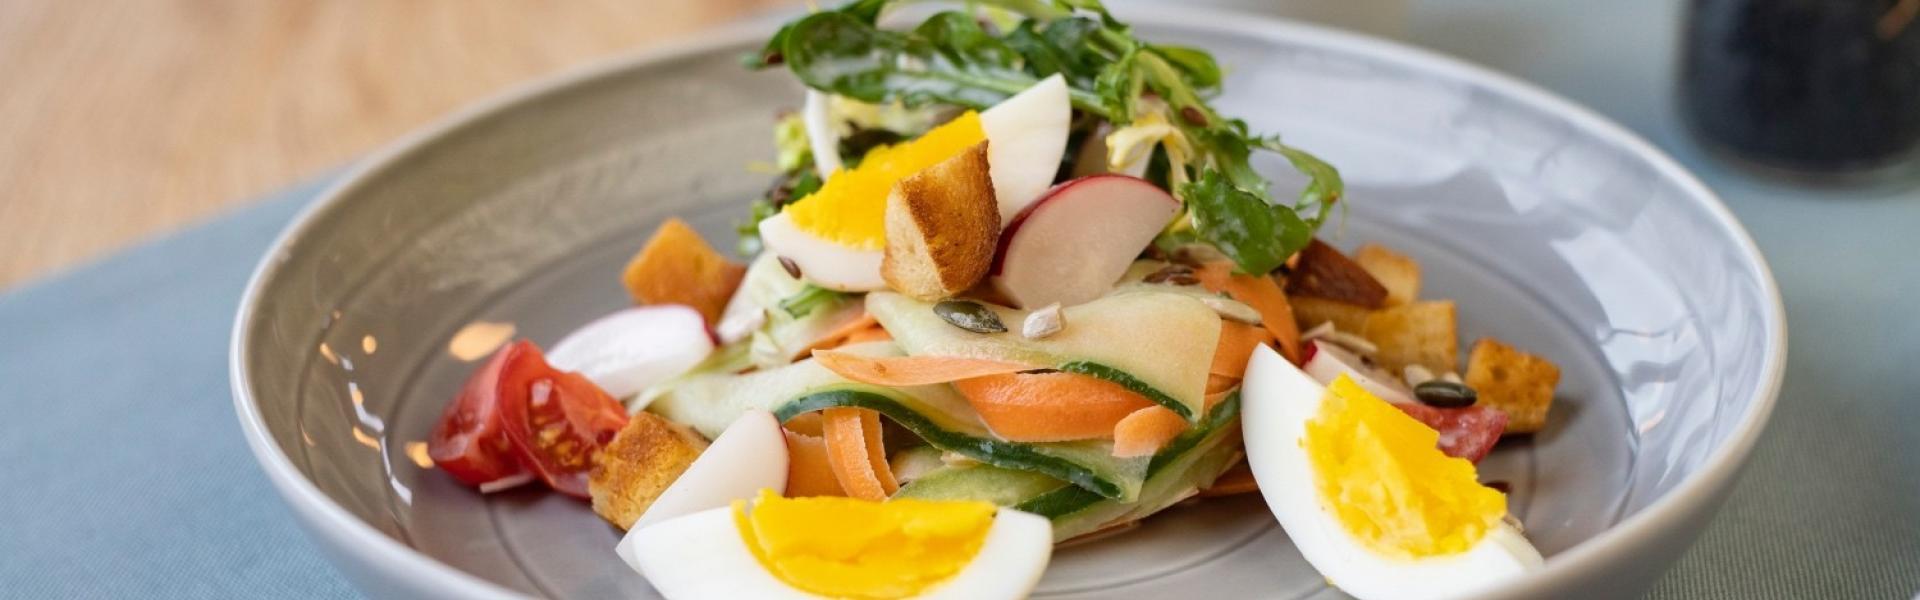 Frühlingssalat mit Ei und Croûtons auf grauem Teller